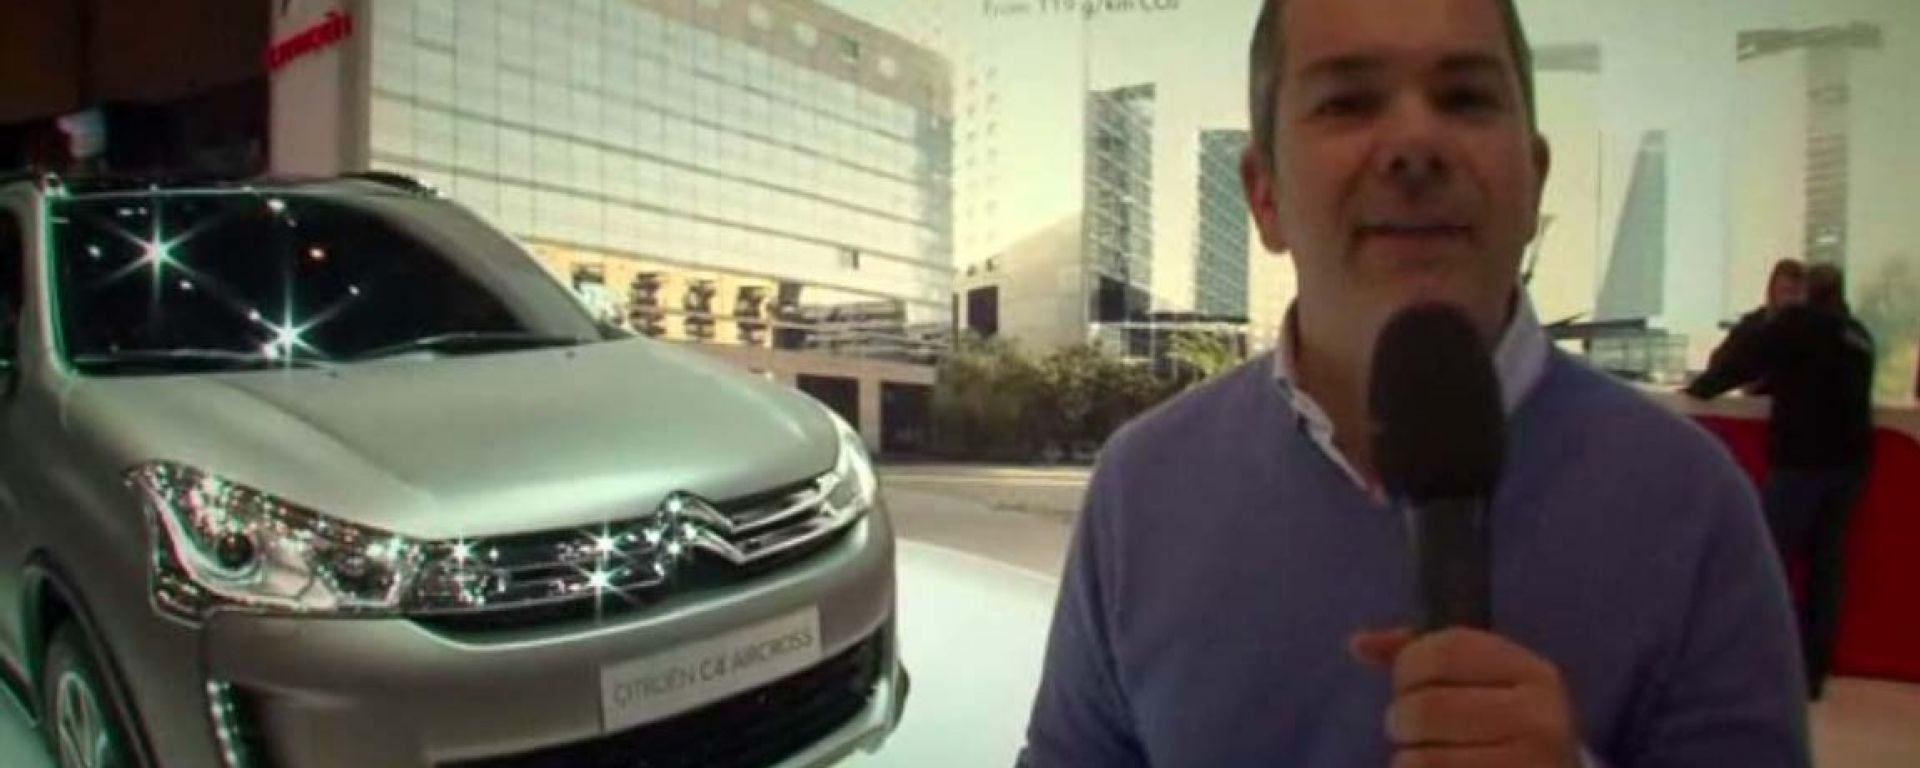 Salone di Ginevra 2012: Citroën